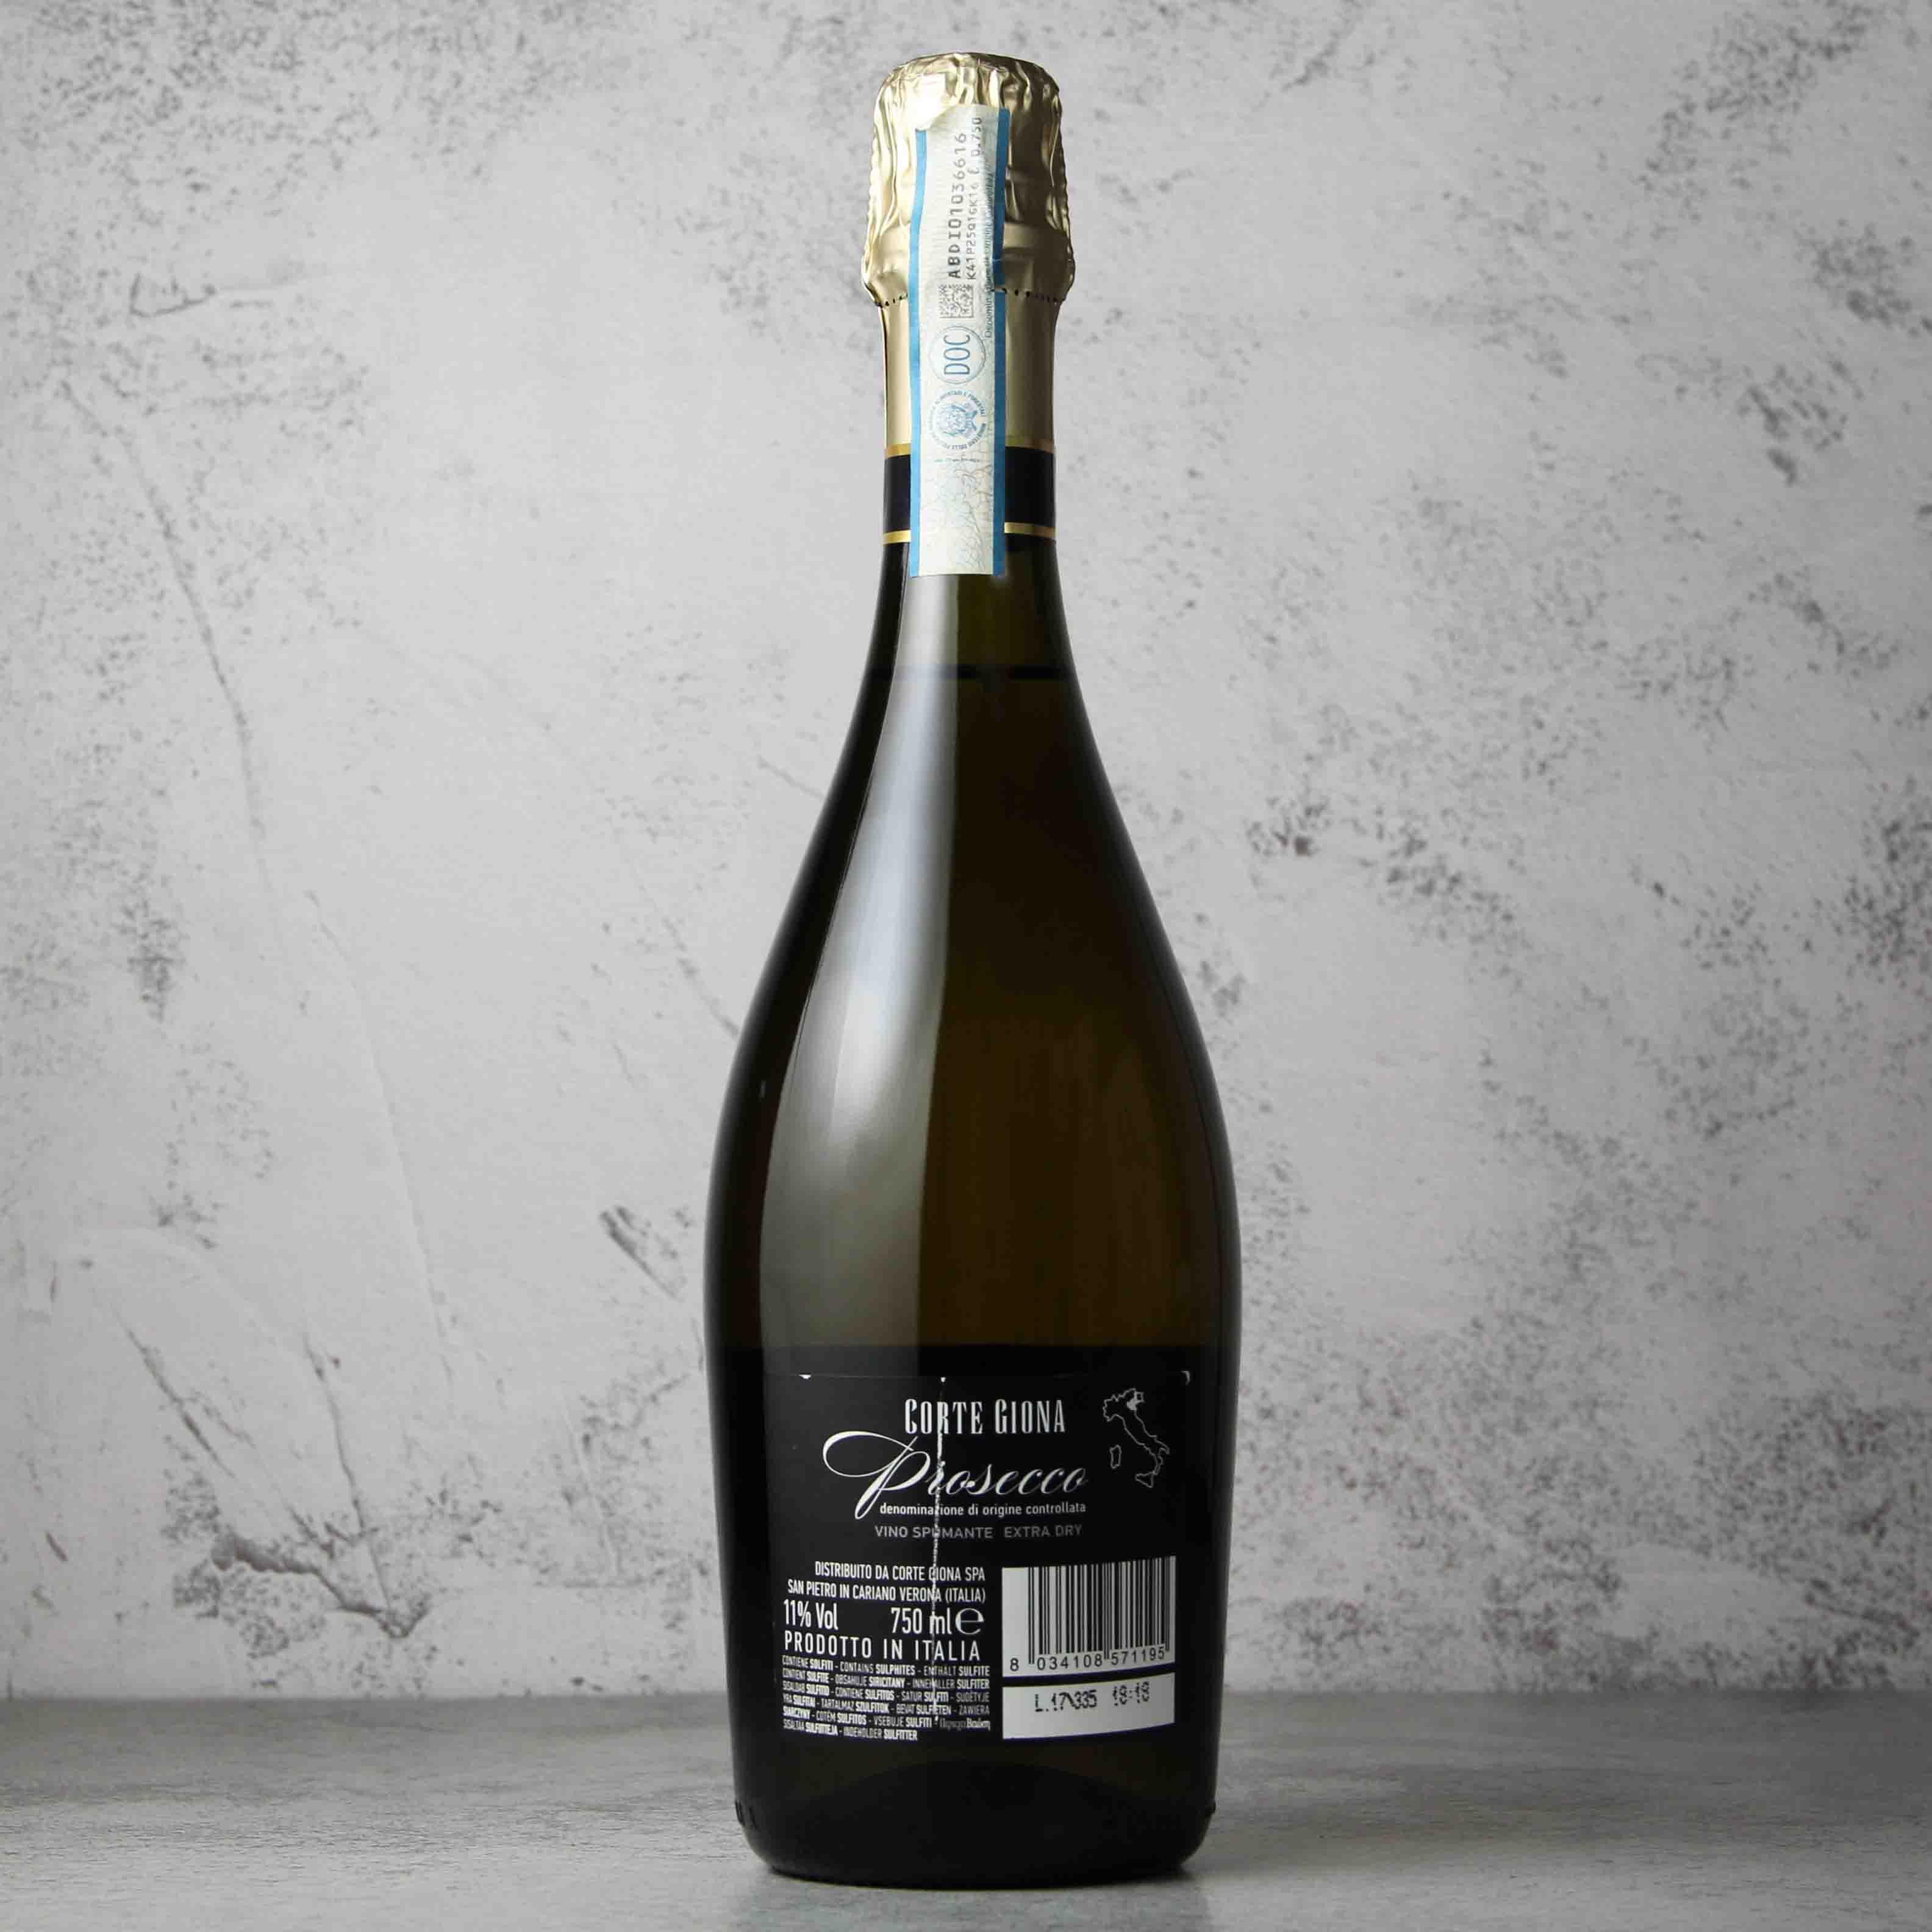 意大利梅扎内迪索托杜兰酒庄科特乔娜-普罗塞克起泡酒